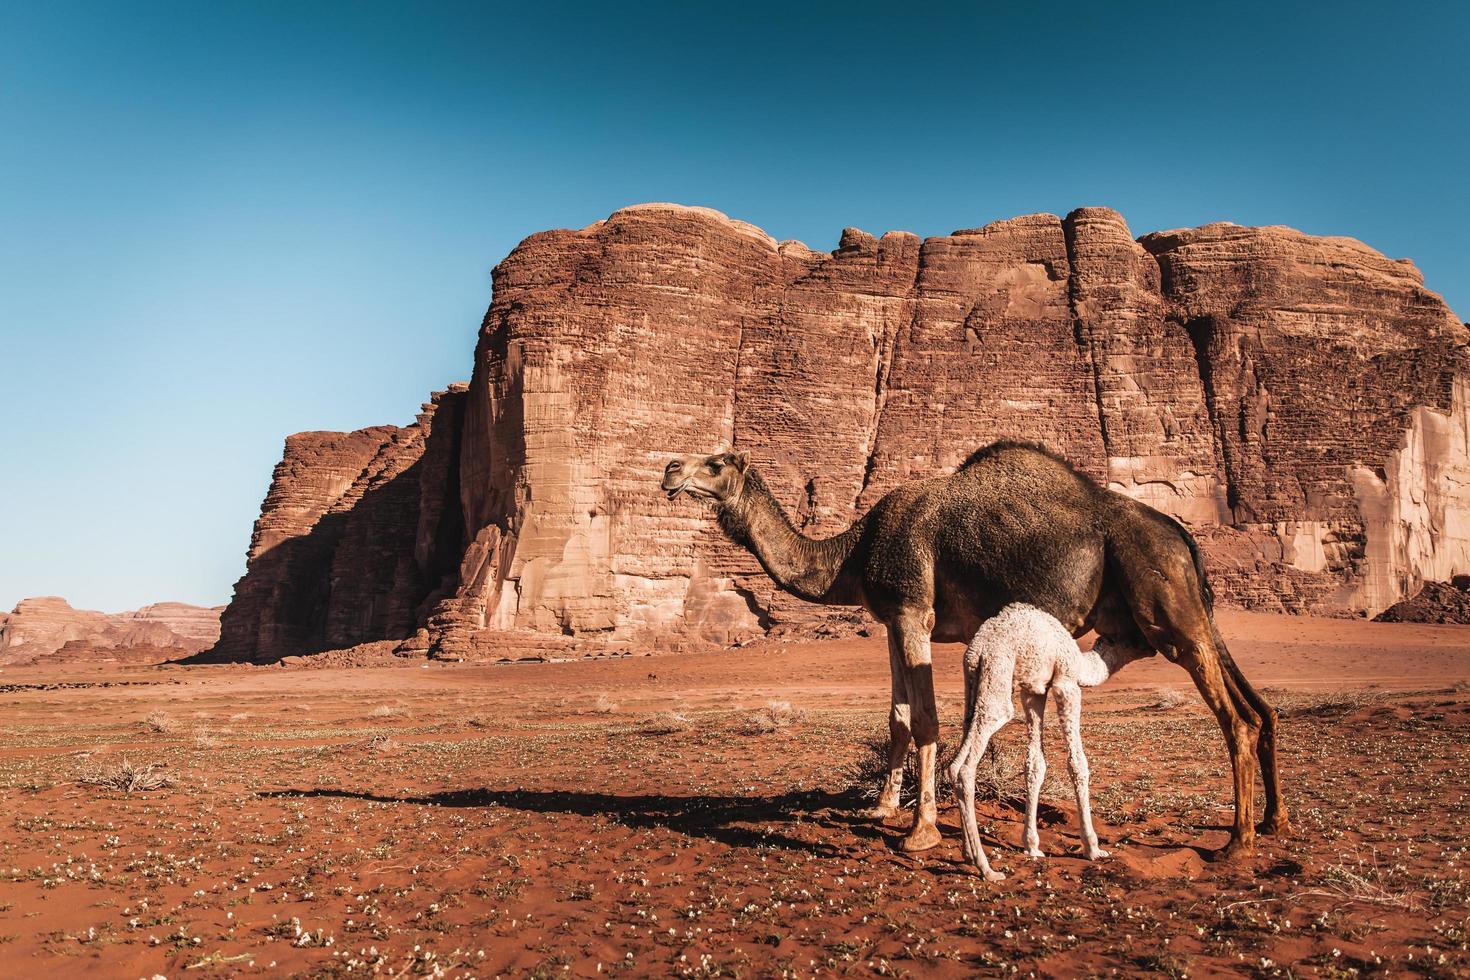 bebé camello enfermeras madre en el desierto de jordania foto